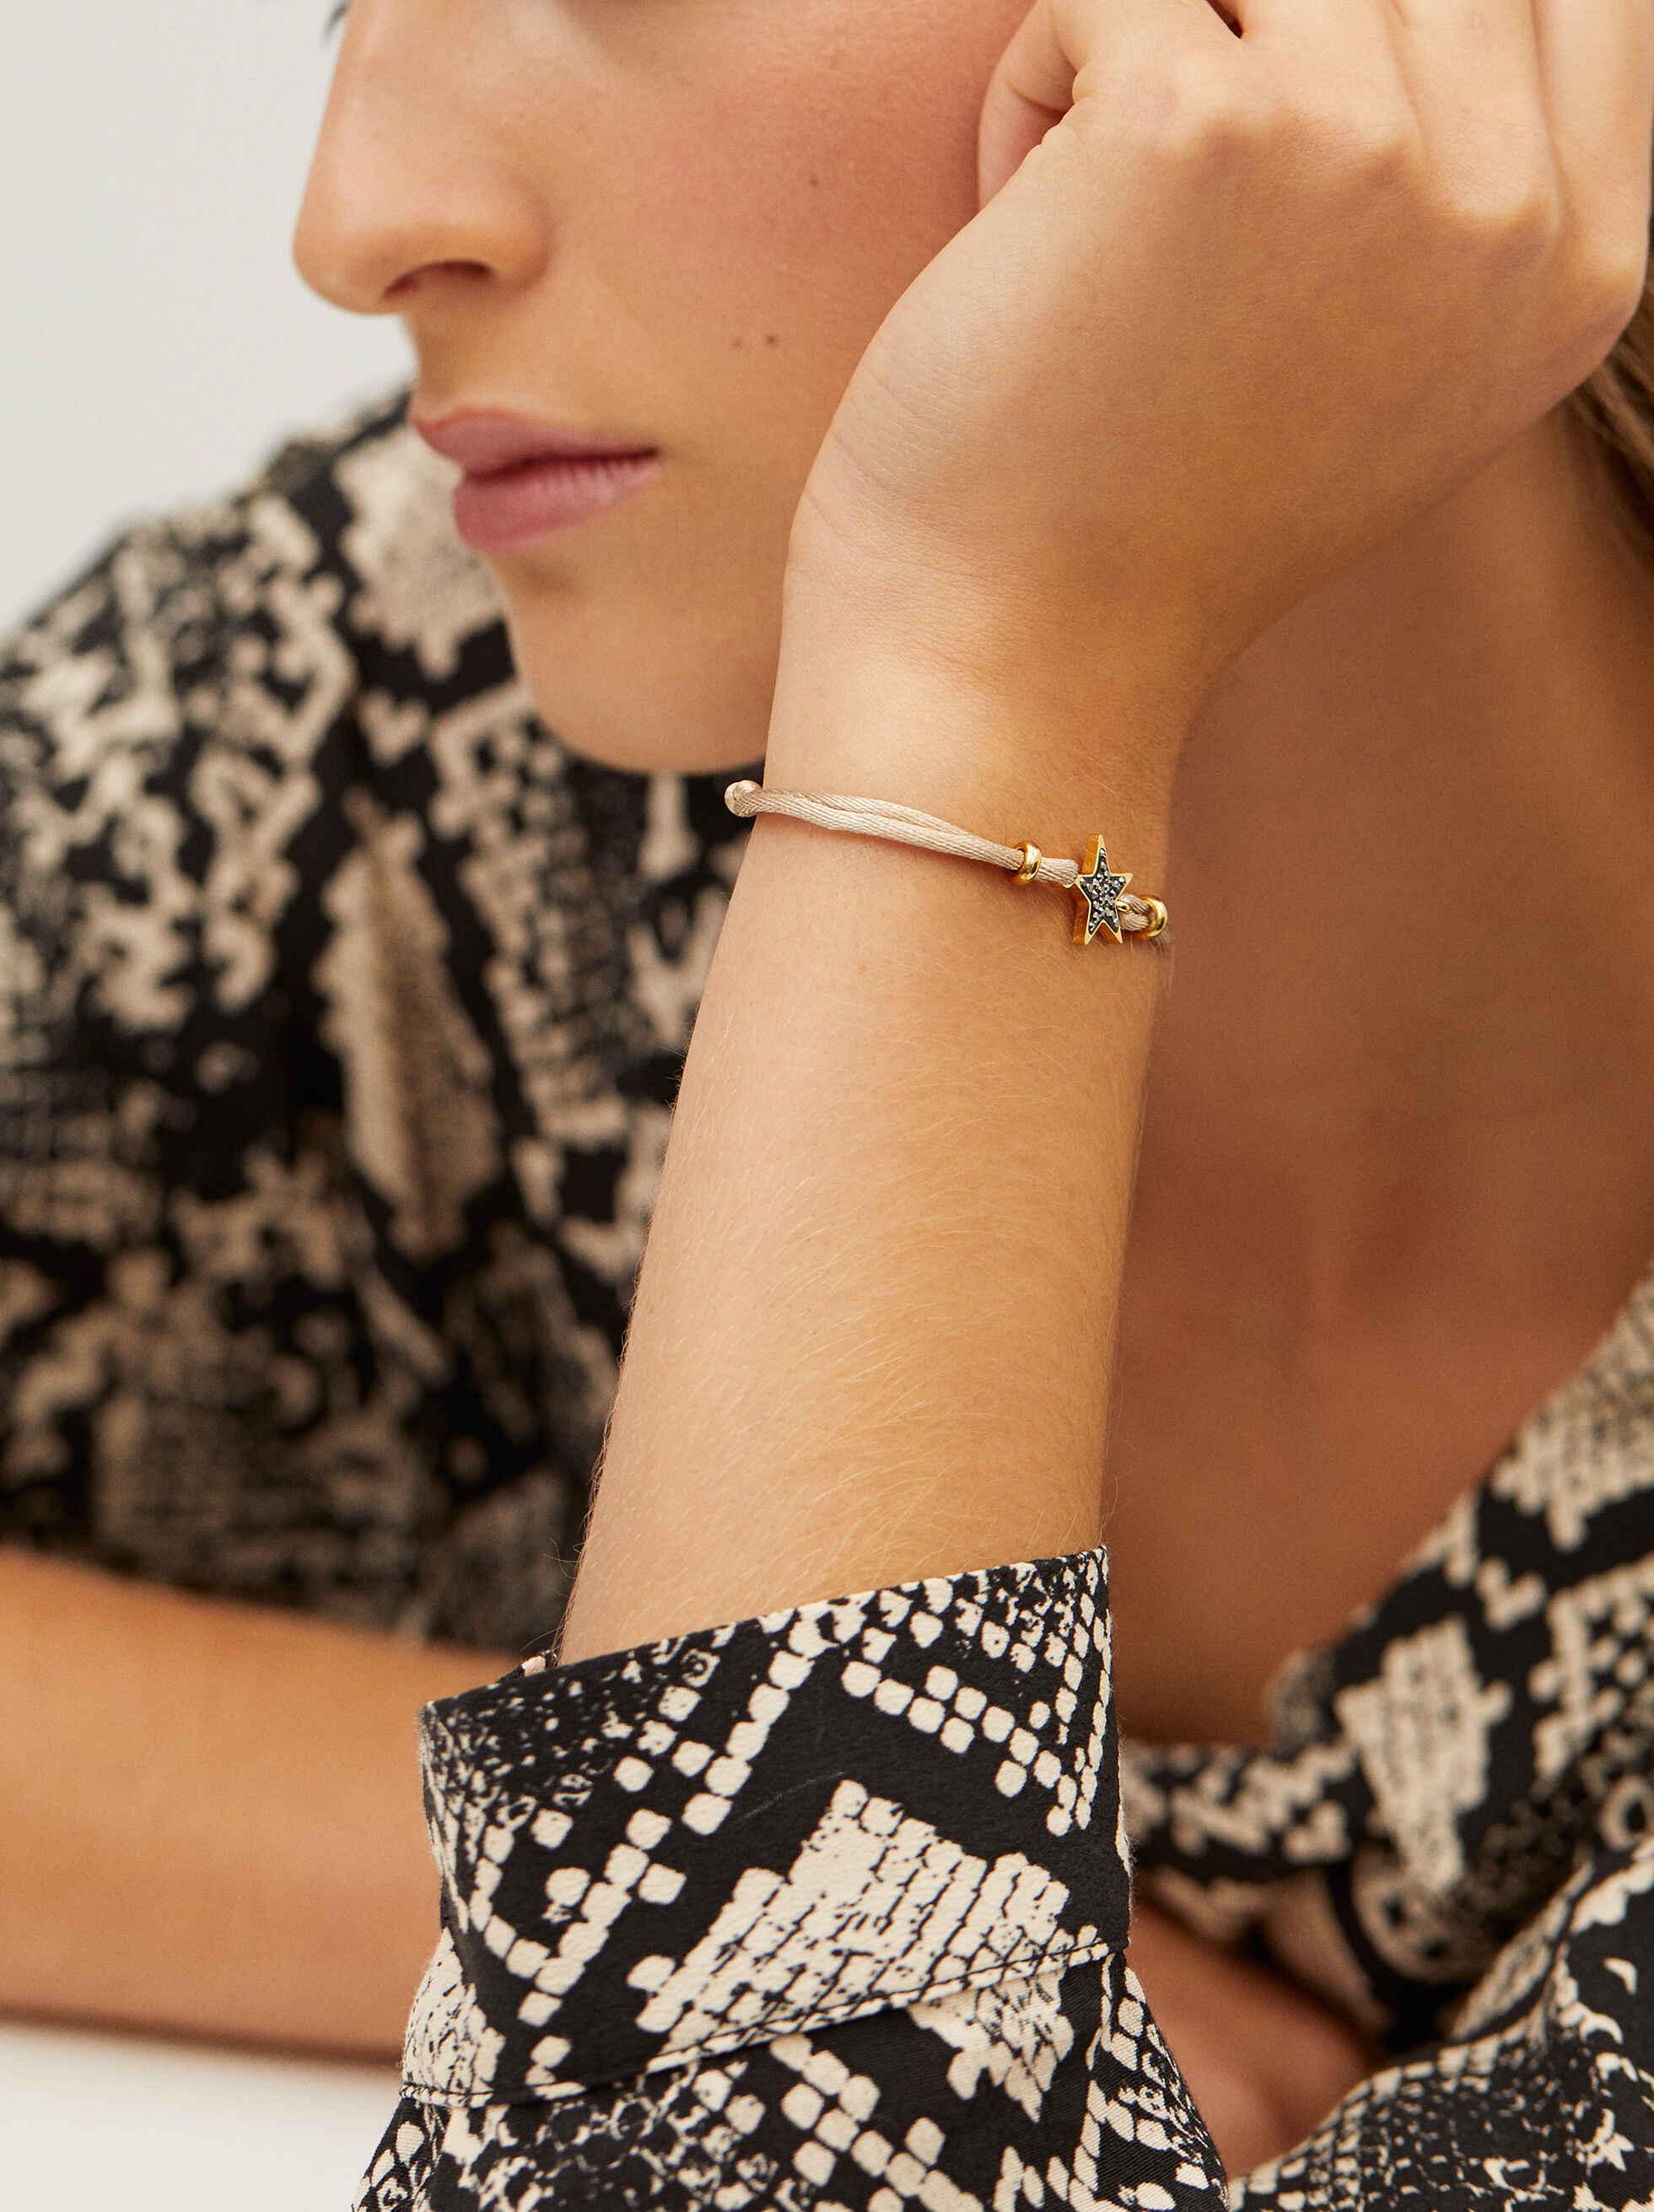 Adjustable Chain Bracelet With Star Detail, Beige, hi-res